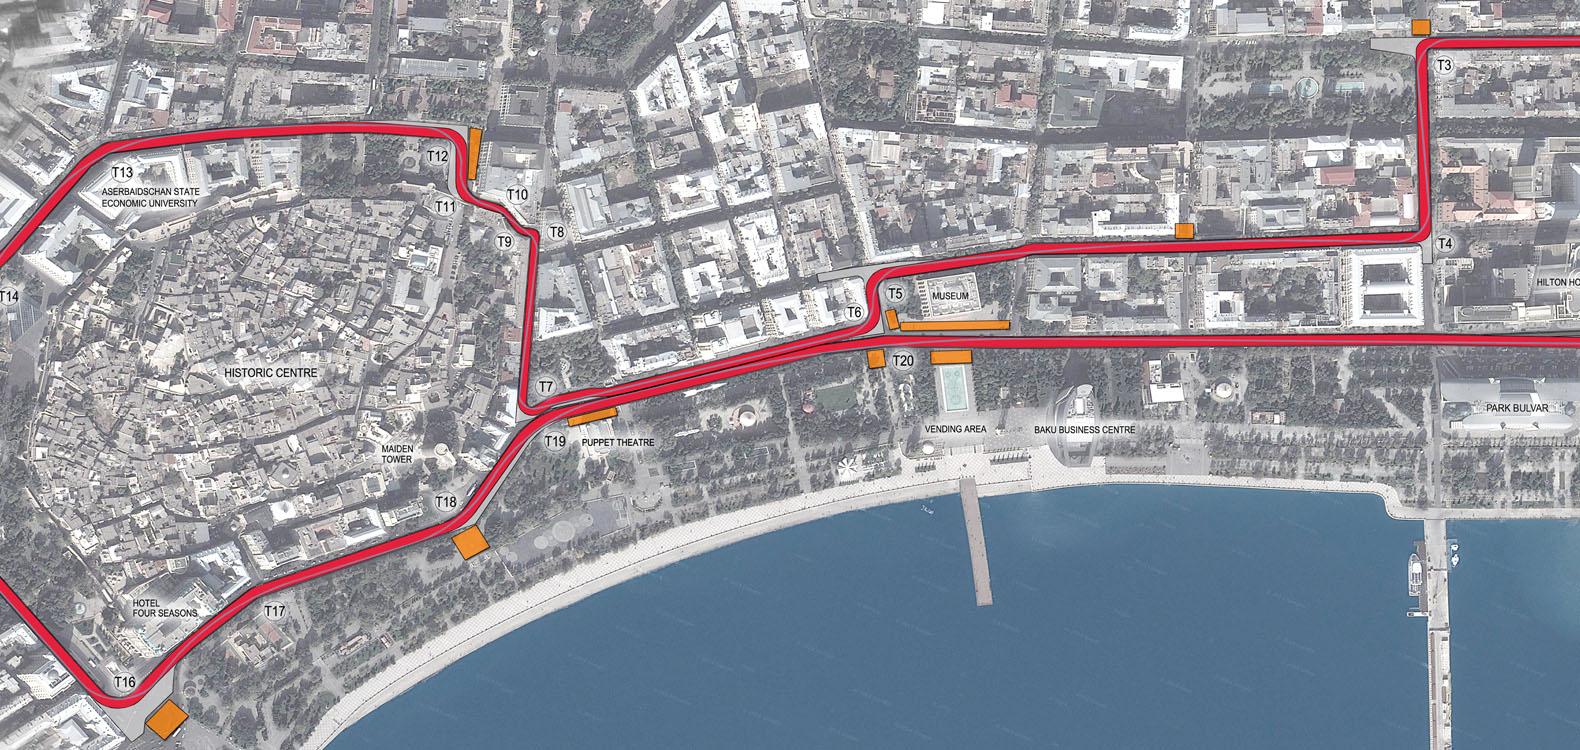 схема прохождения трассы арена гп